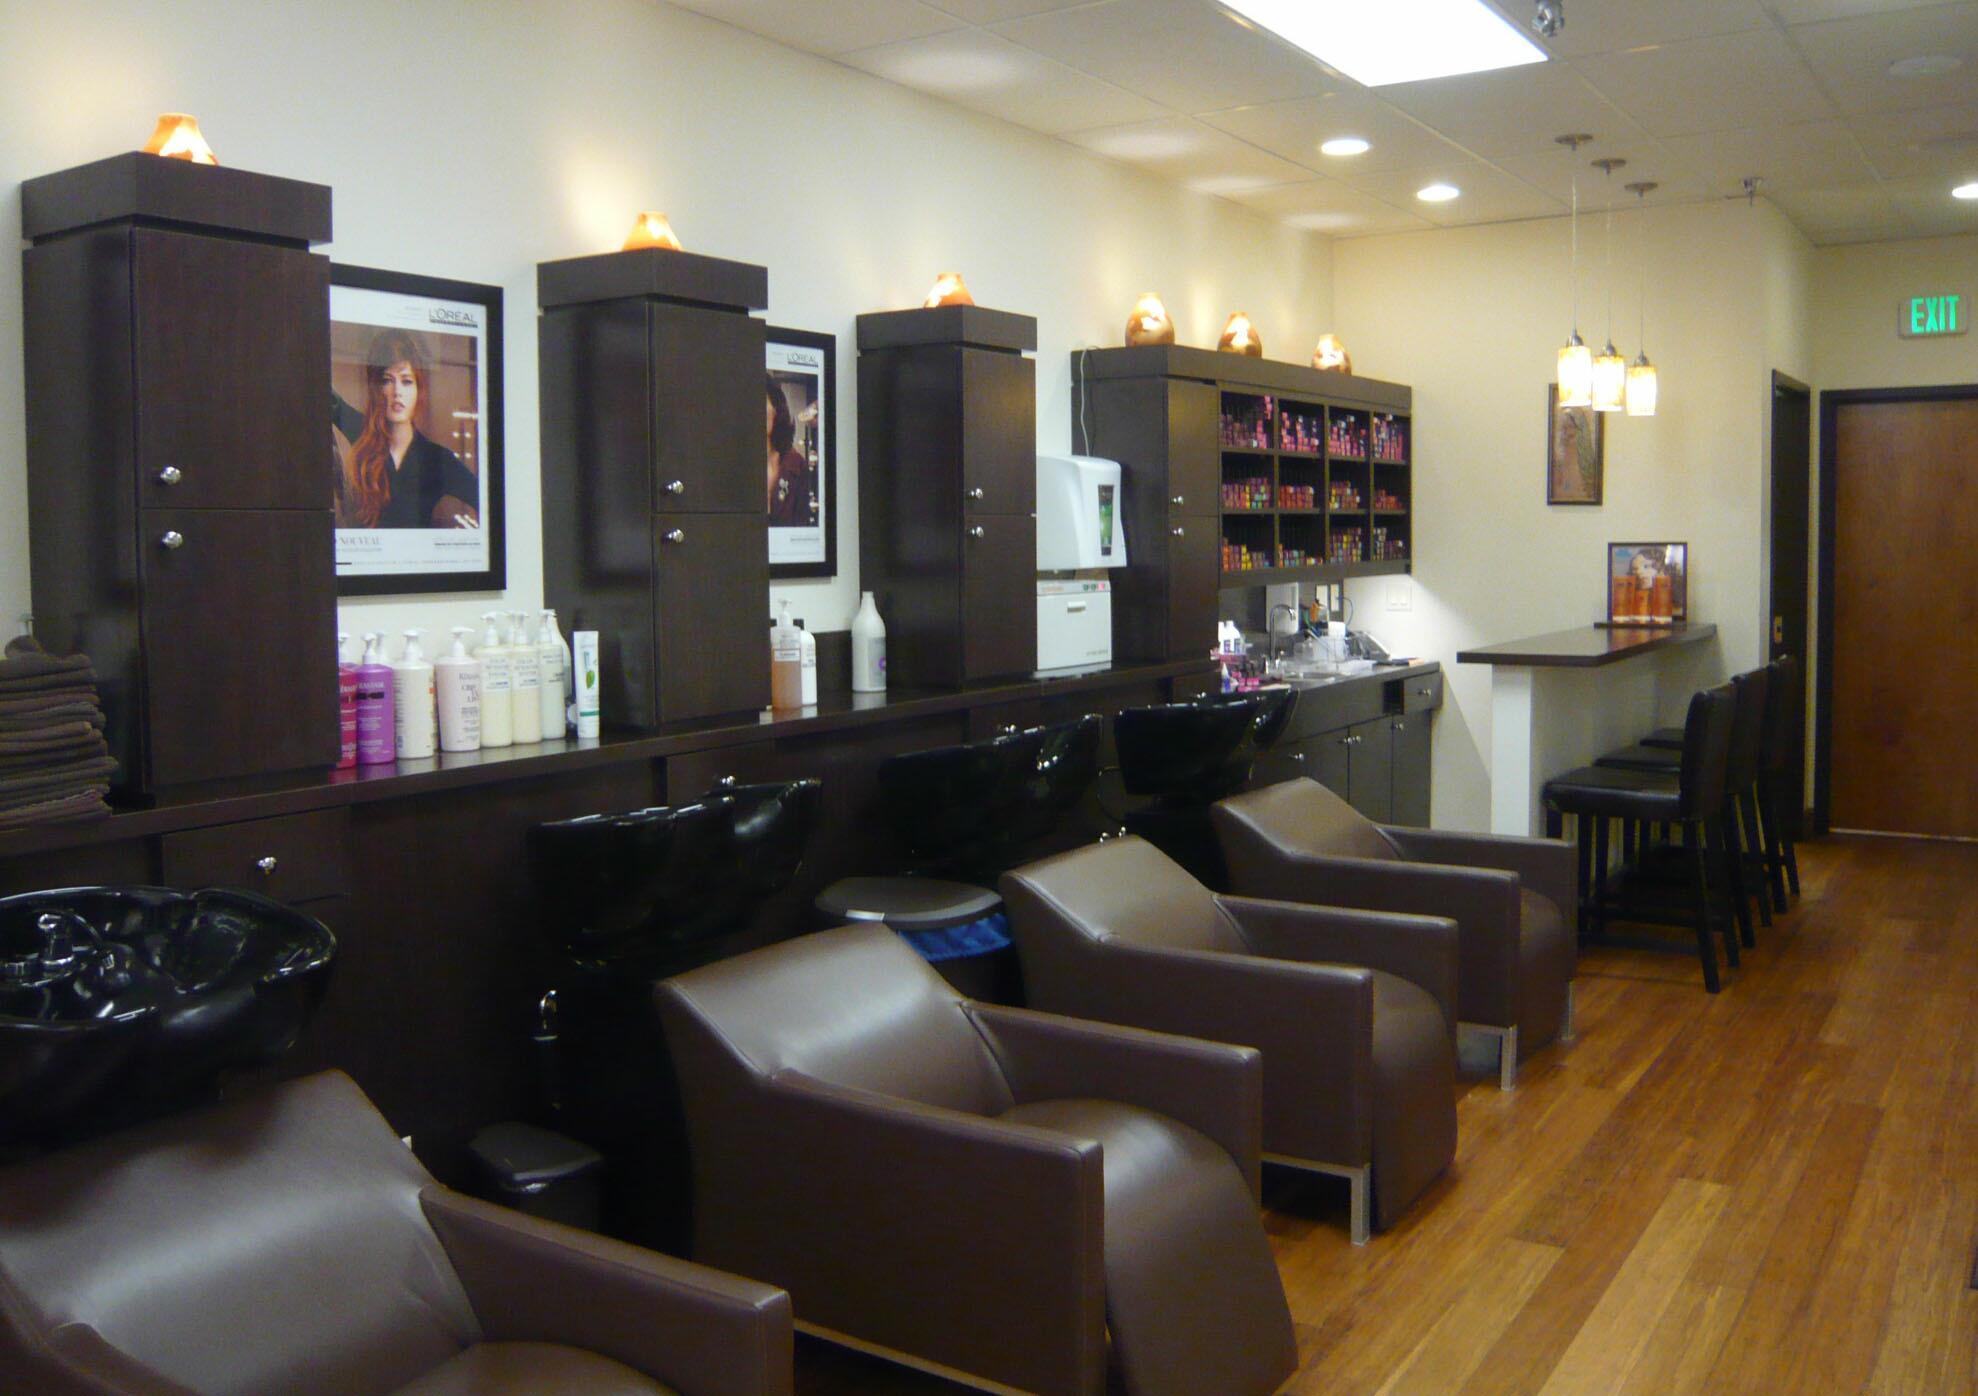 Hair Salon Shampoo Area 1978 x 1396